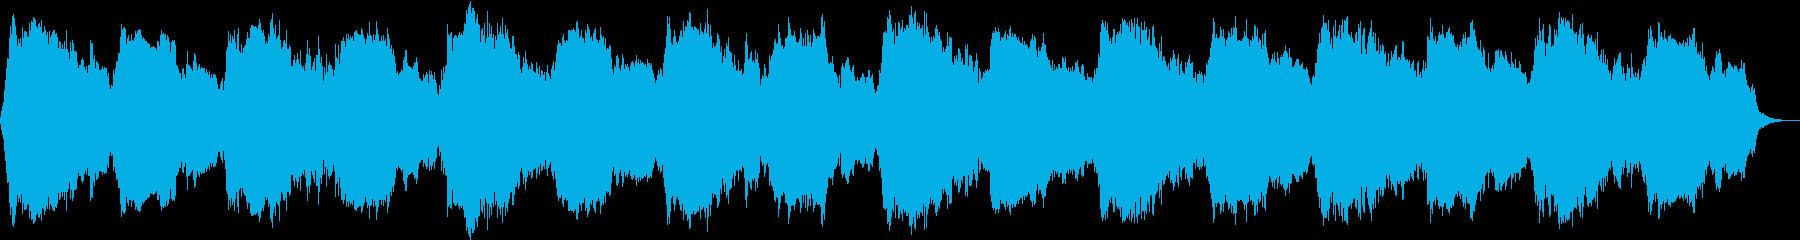 宇宙空間等のサイエンス映像向けBGMの再生済みの波形